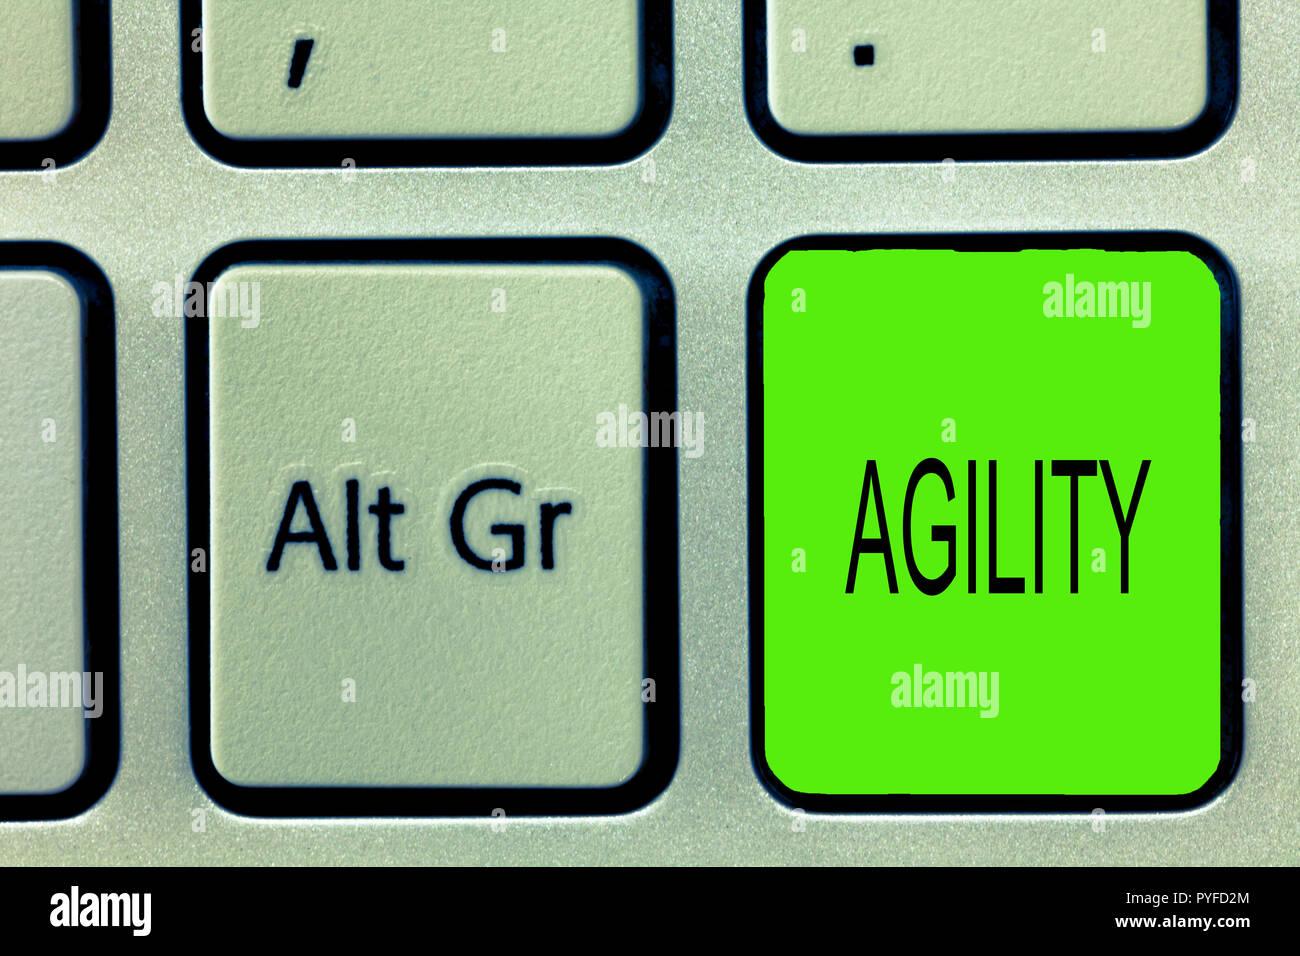 Escribir nota mostrando la agilidad. Foto de negocios mostrando capacidad para mover creo comprender rápidamente y fácilmente rápido desarrollo. Imagen De Stock